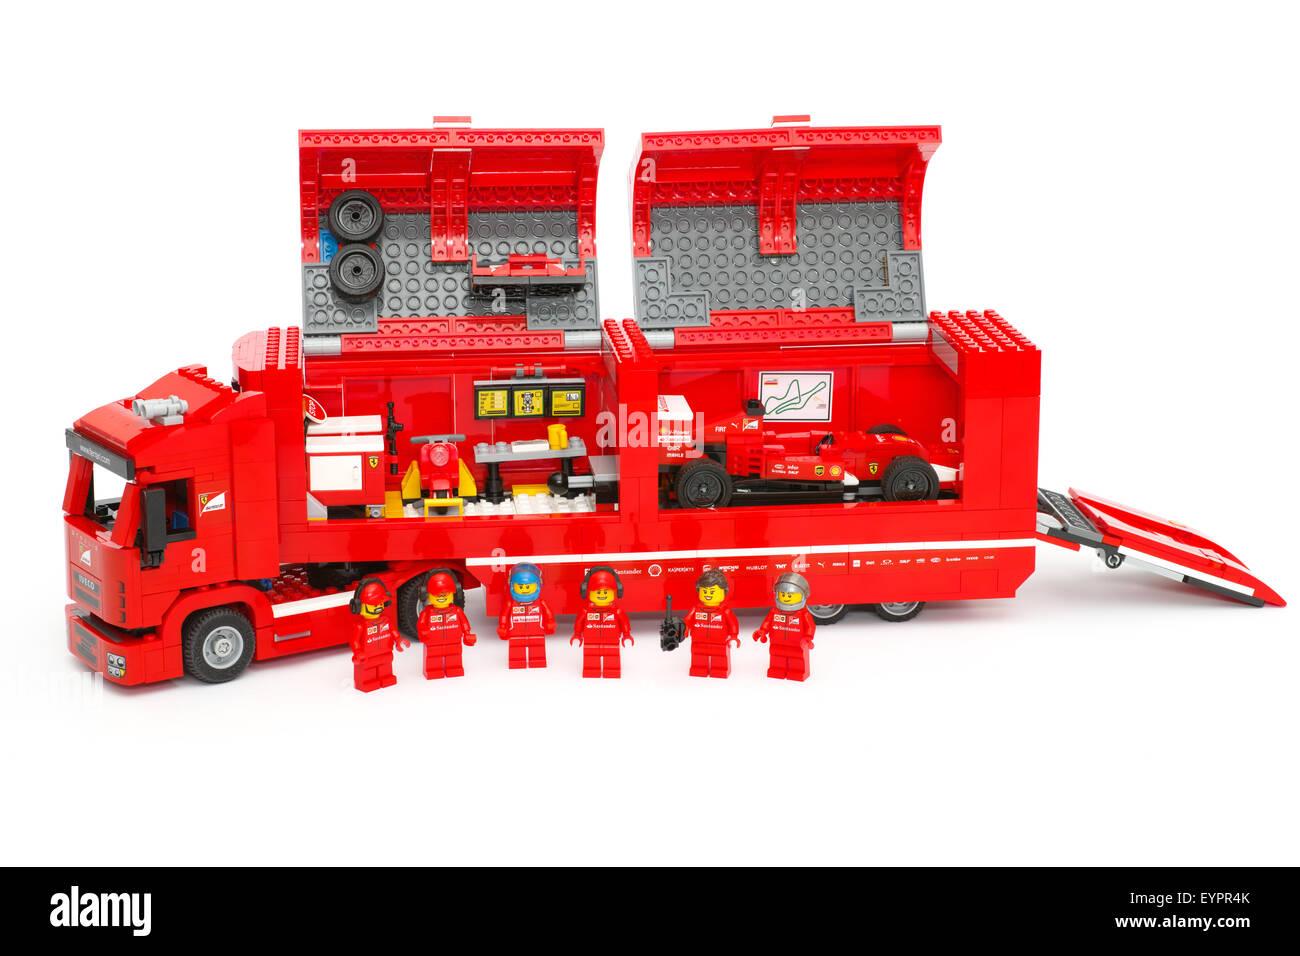 Lego F14 T U0026 Scuderia Ferrari Truck With Race Car Inside And Team Crew  Members By